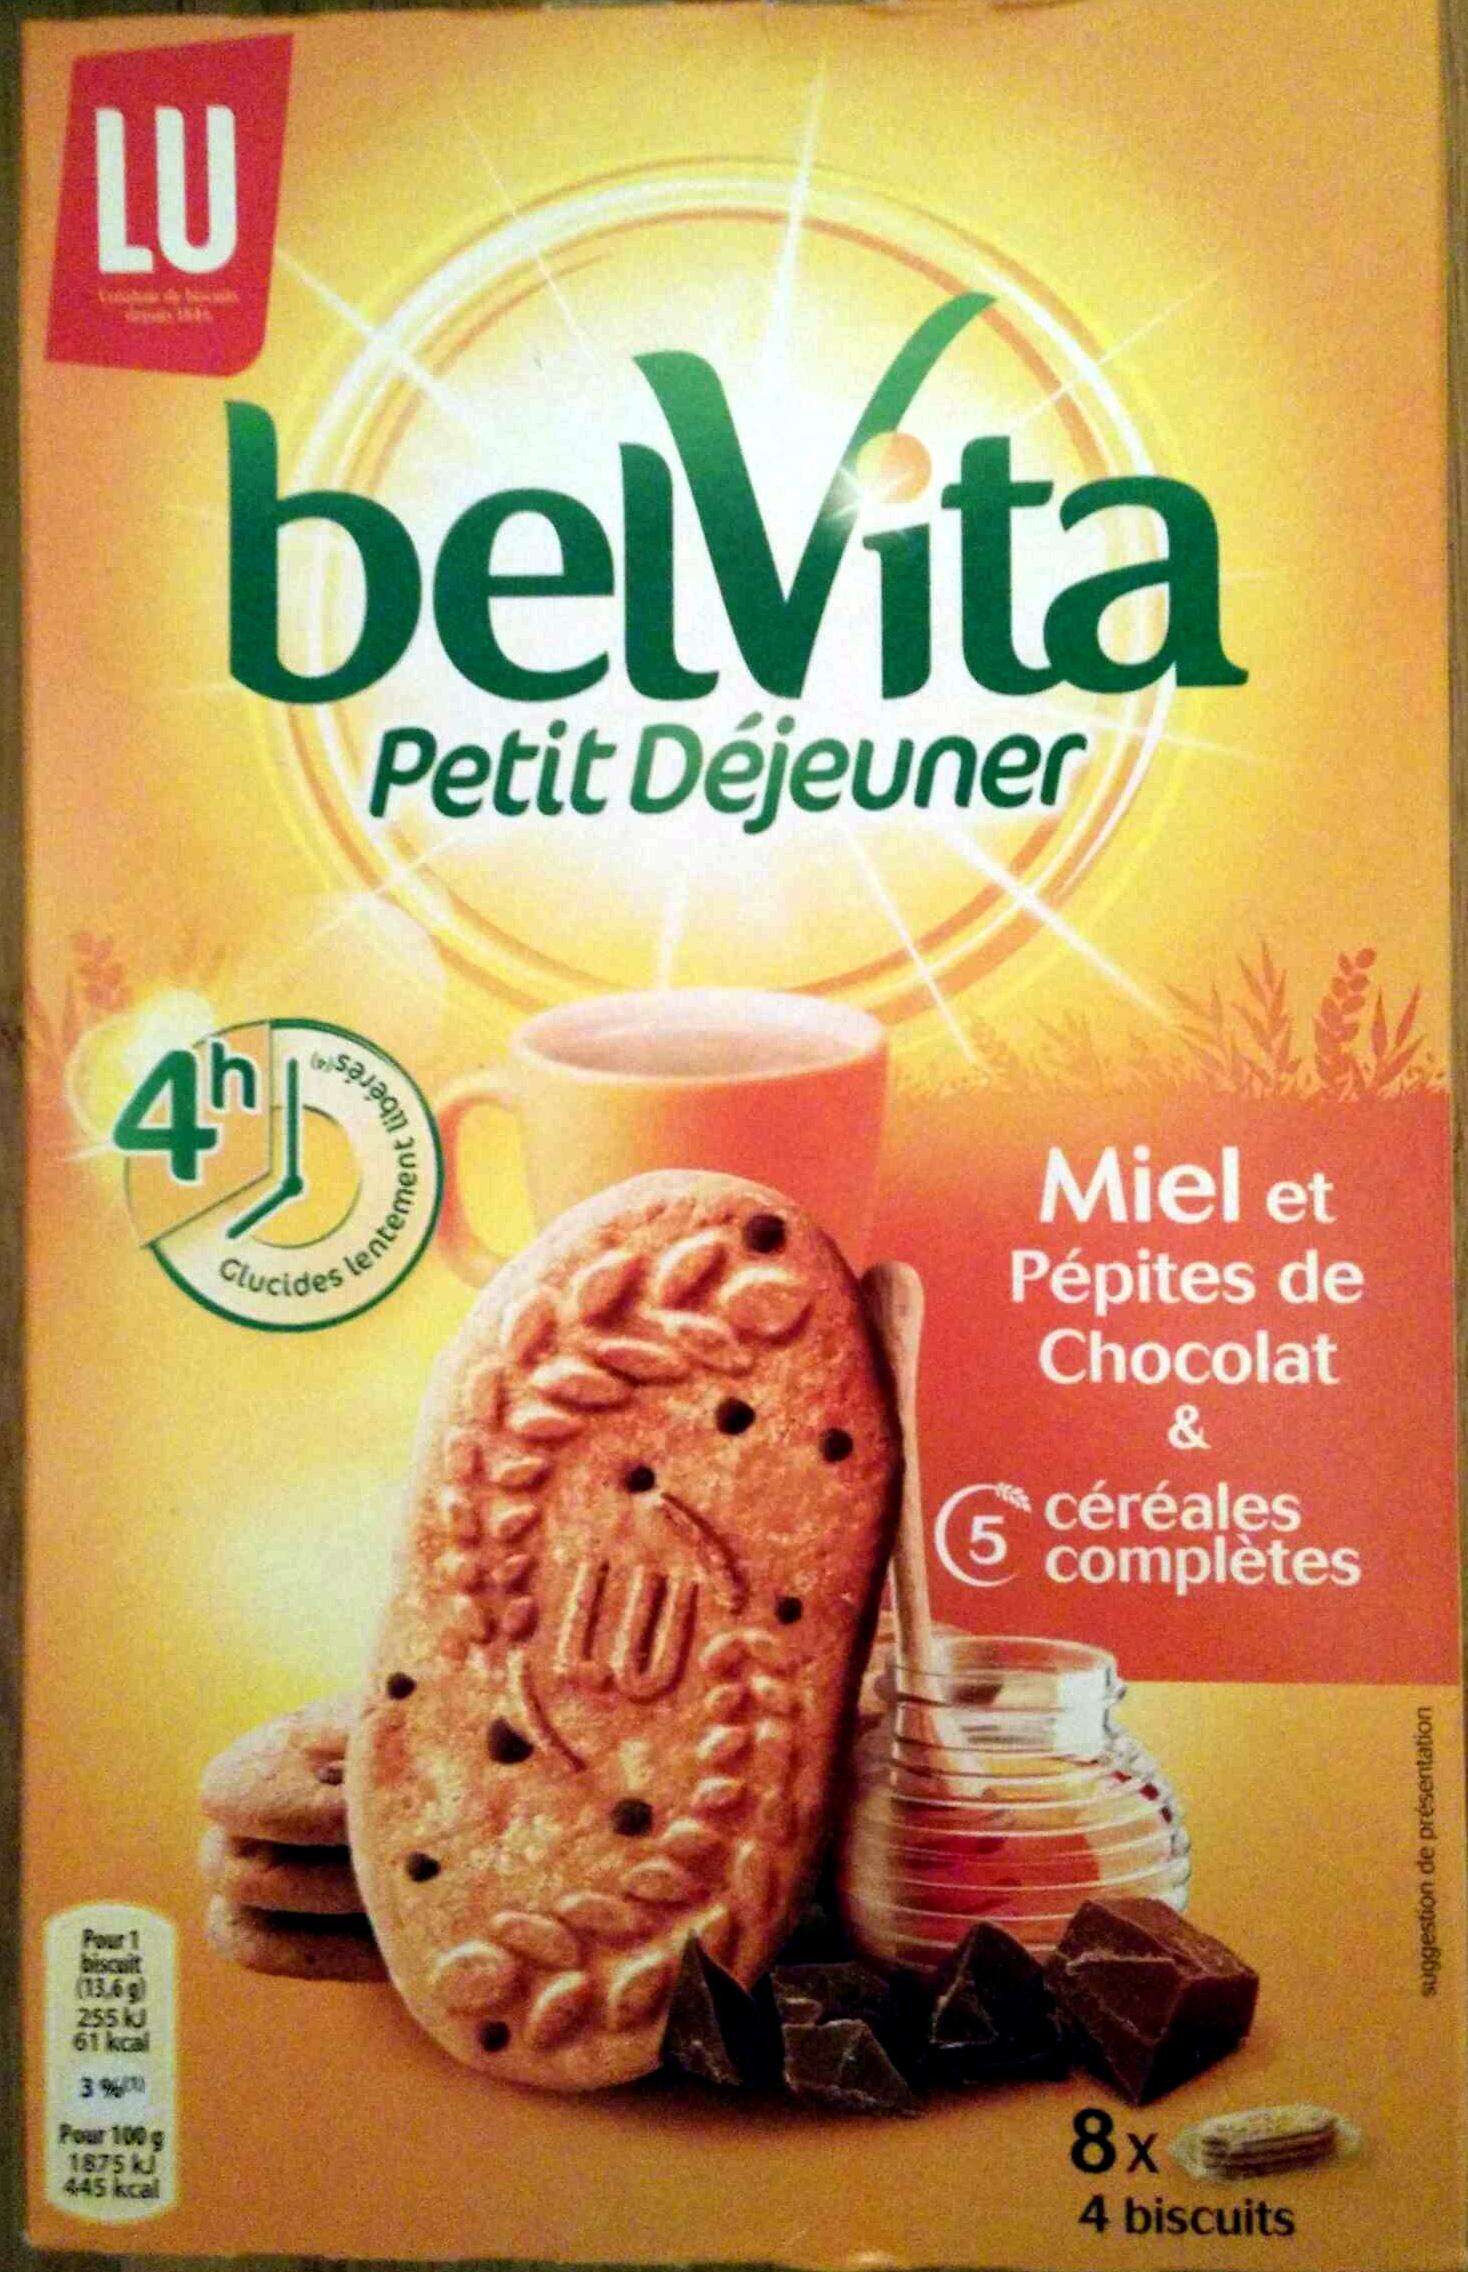 BelVita - Petit Déjeuner - Miel et Pépites de Chocolat - Produit - fr